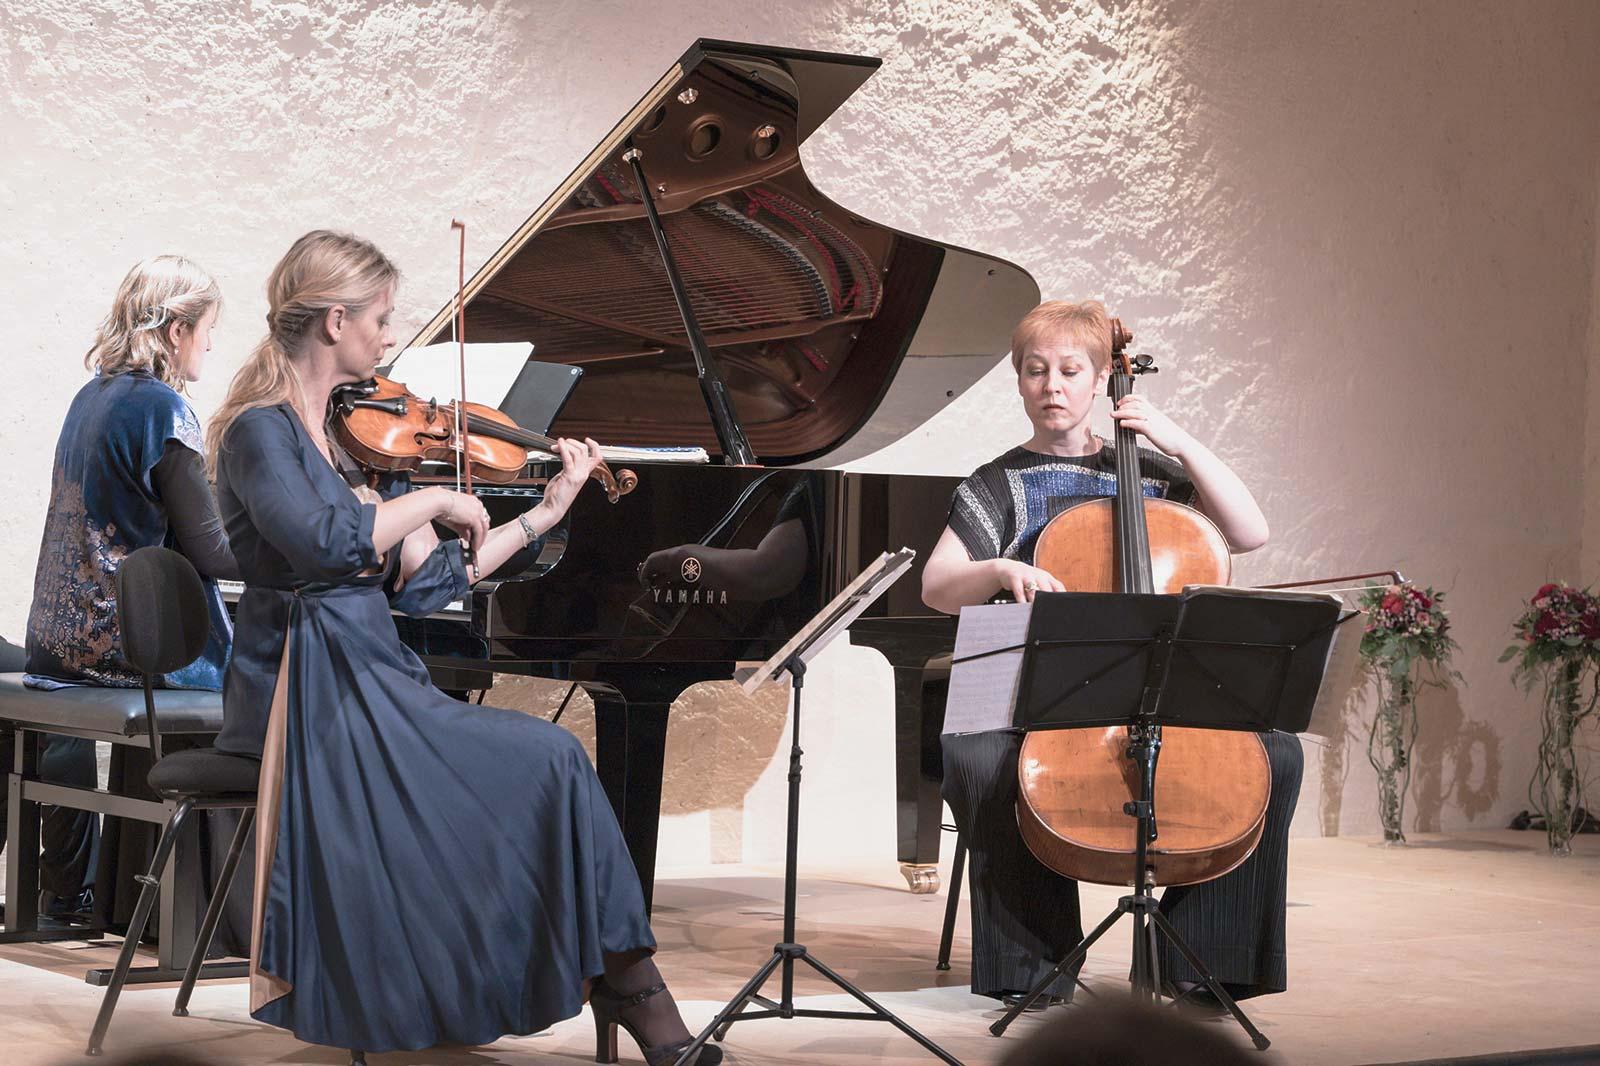 e Trio George Sand, composé de Virginie Buscail, violoniste, Diana Ligeti, violoncelliste, et d'Anne-Lise Gastaldi, pianiste, propose une approche nouvelle et ambitieuse du concert classique.